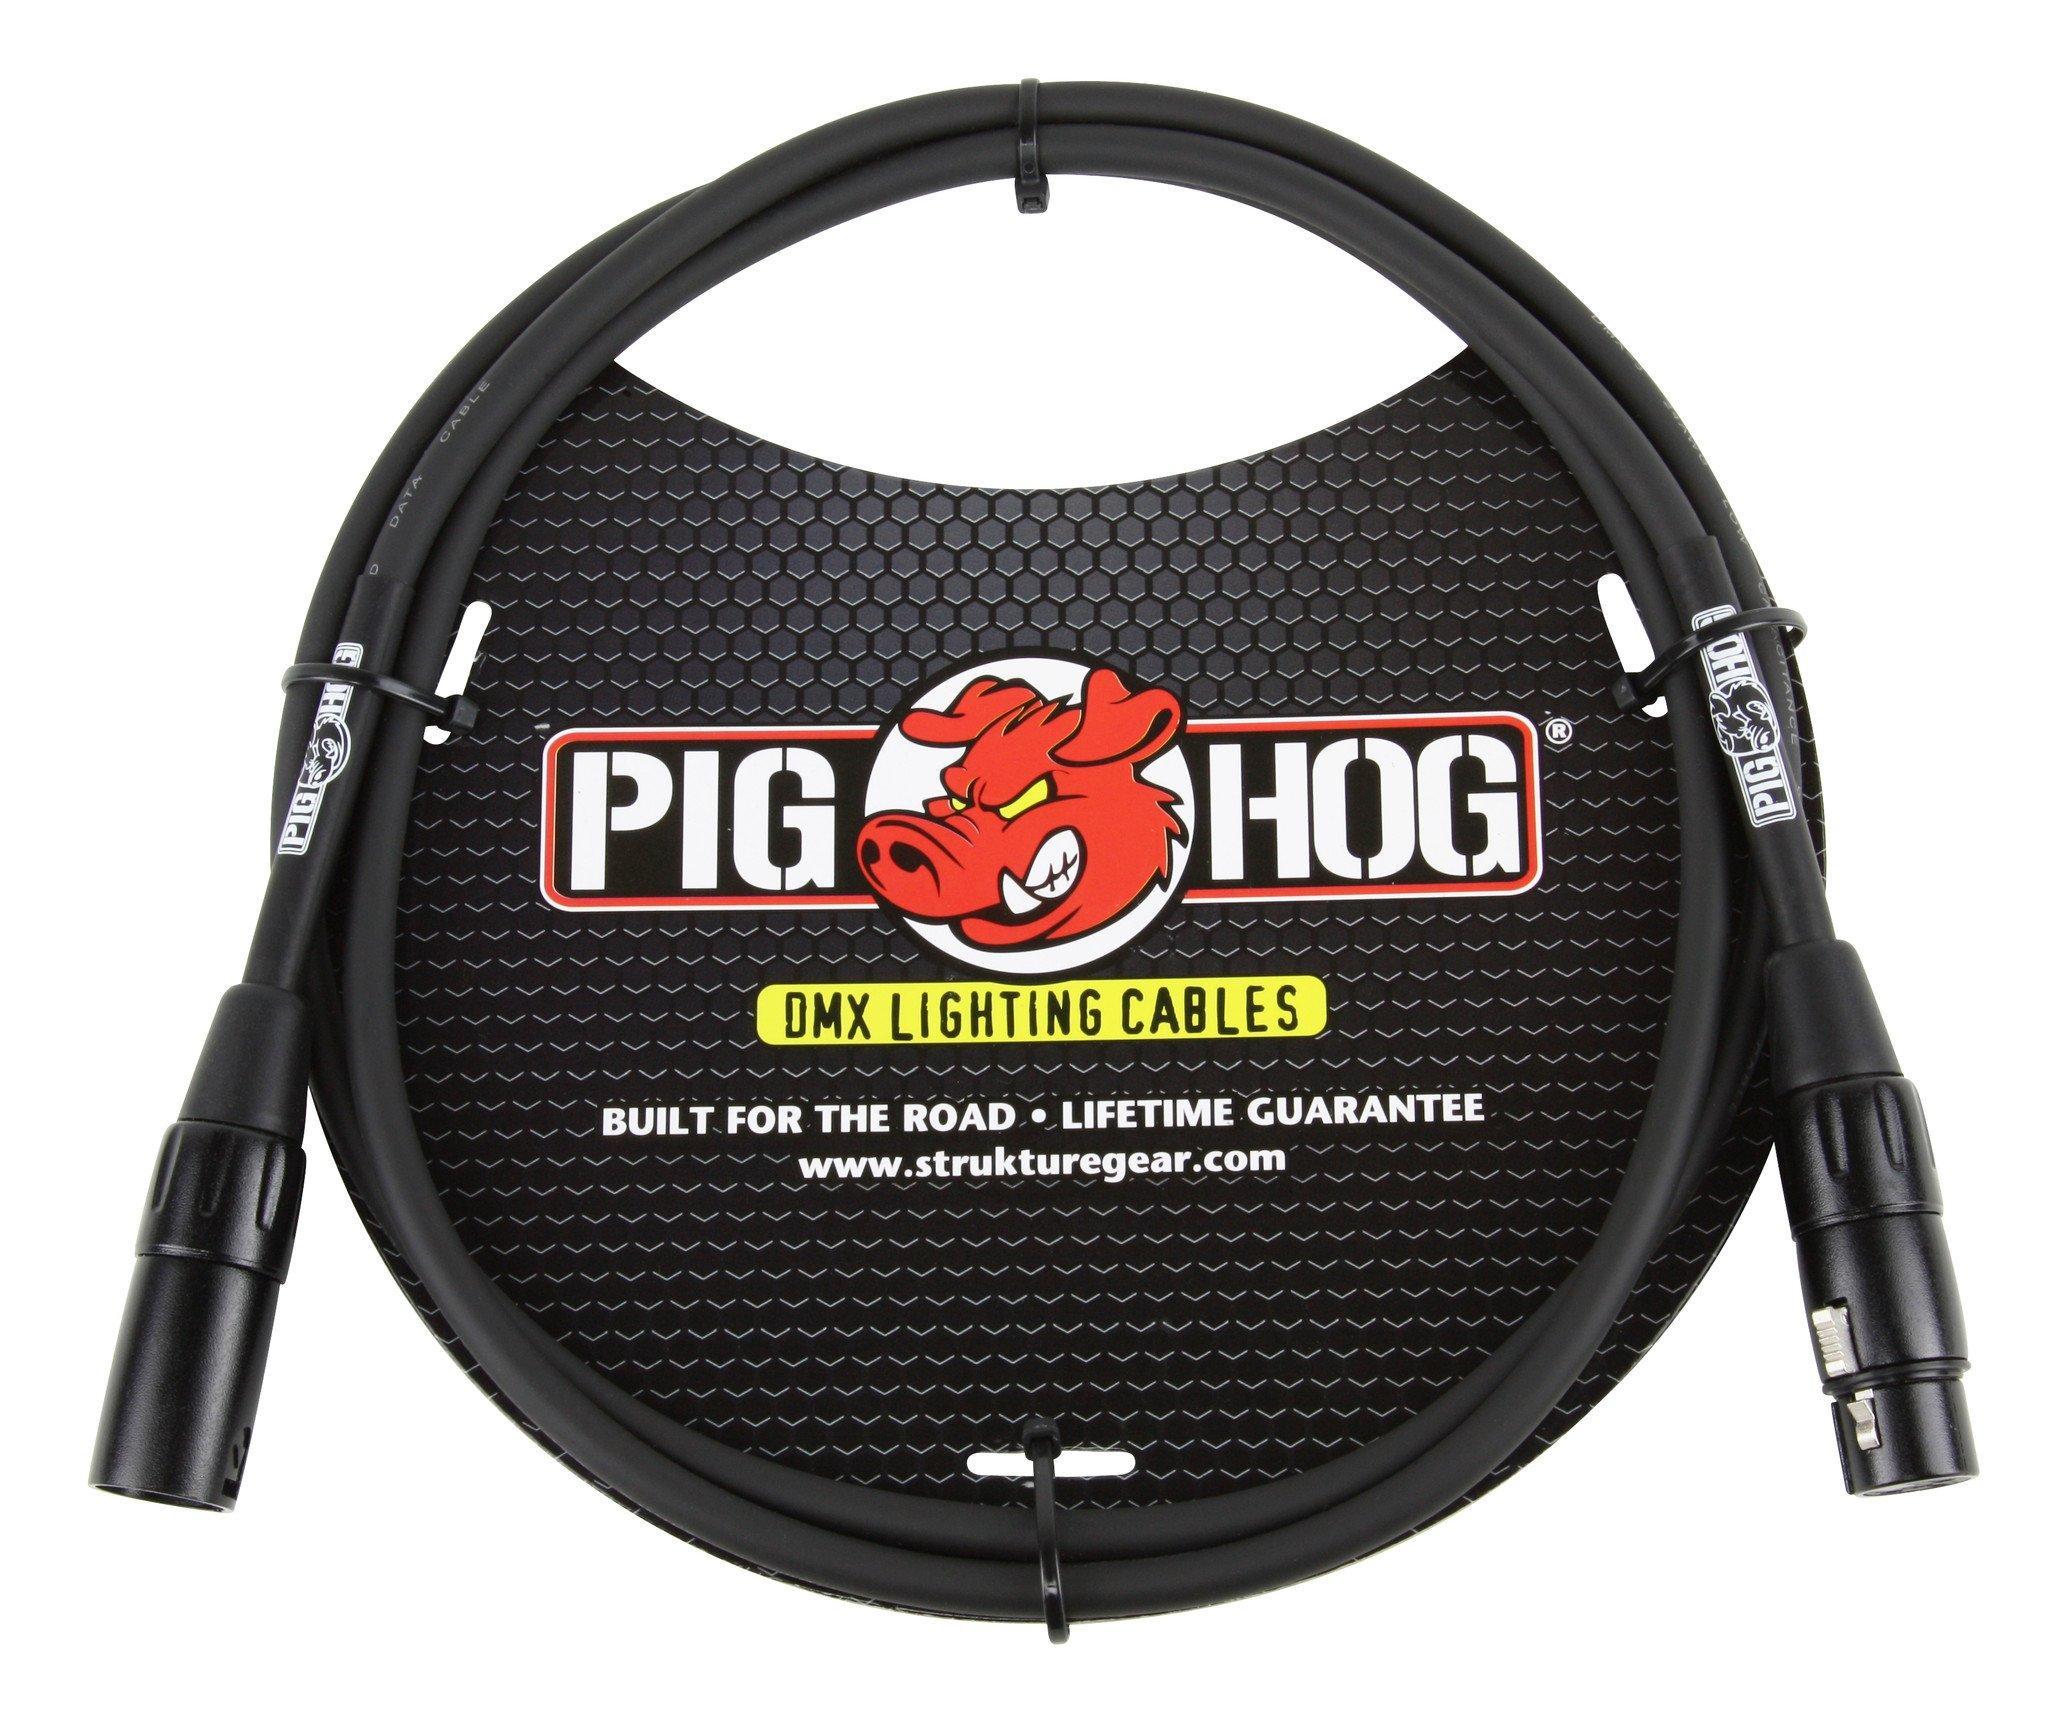 Pig Hog 5ft DMX Lighting Cable